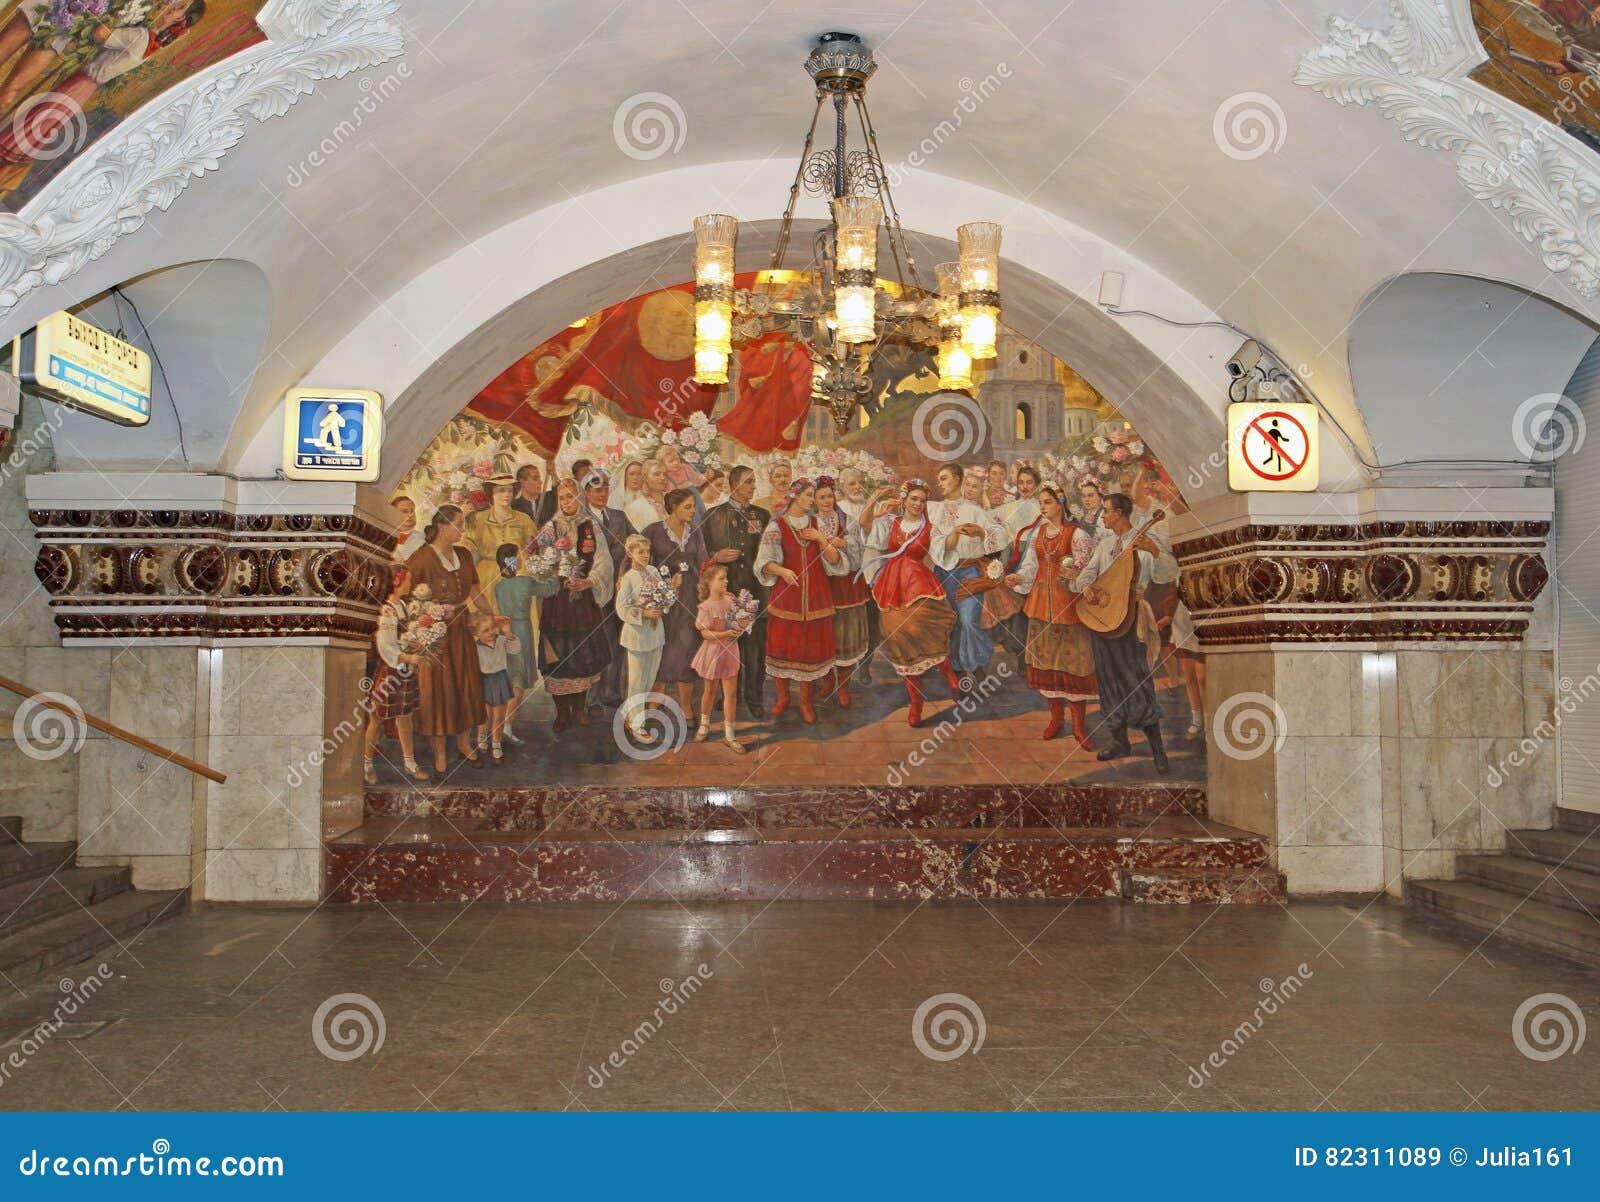 How to get to metro Kievskaya 49